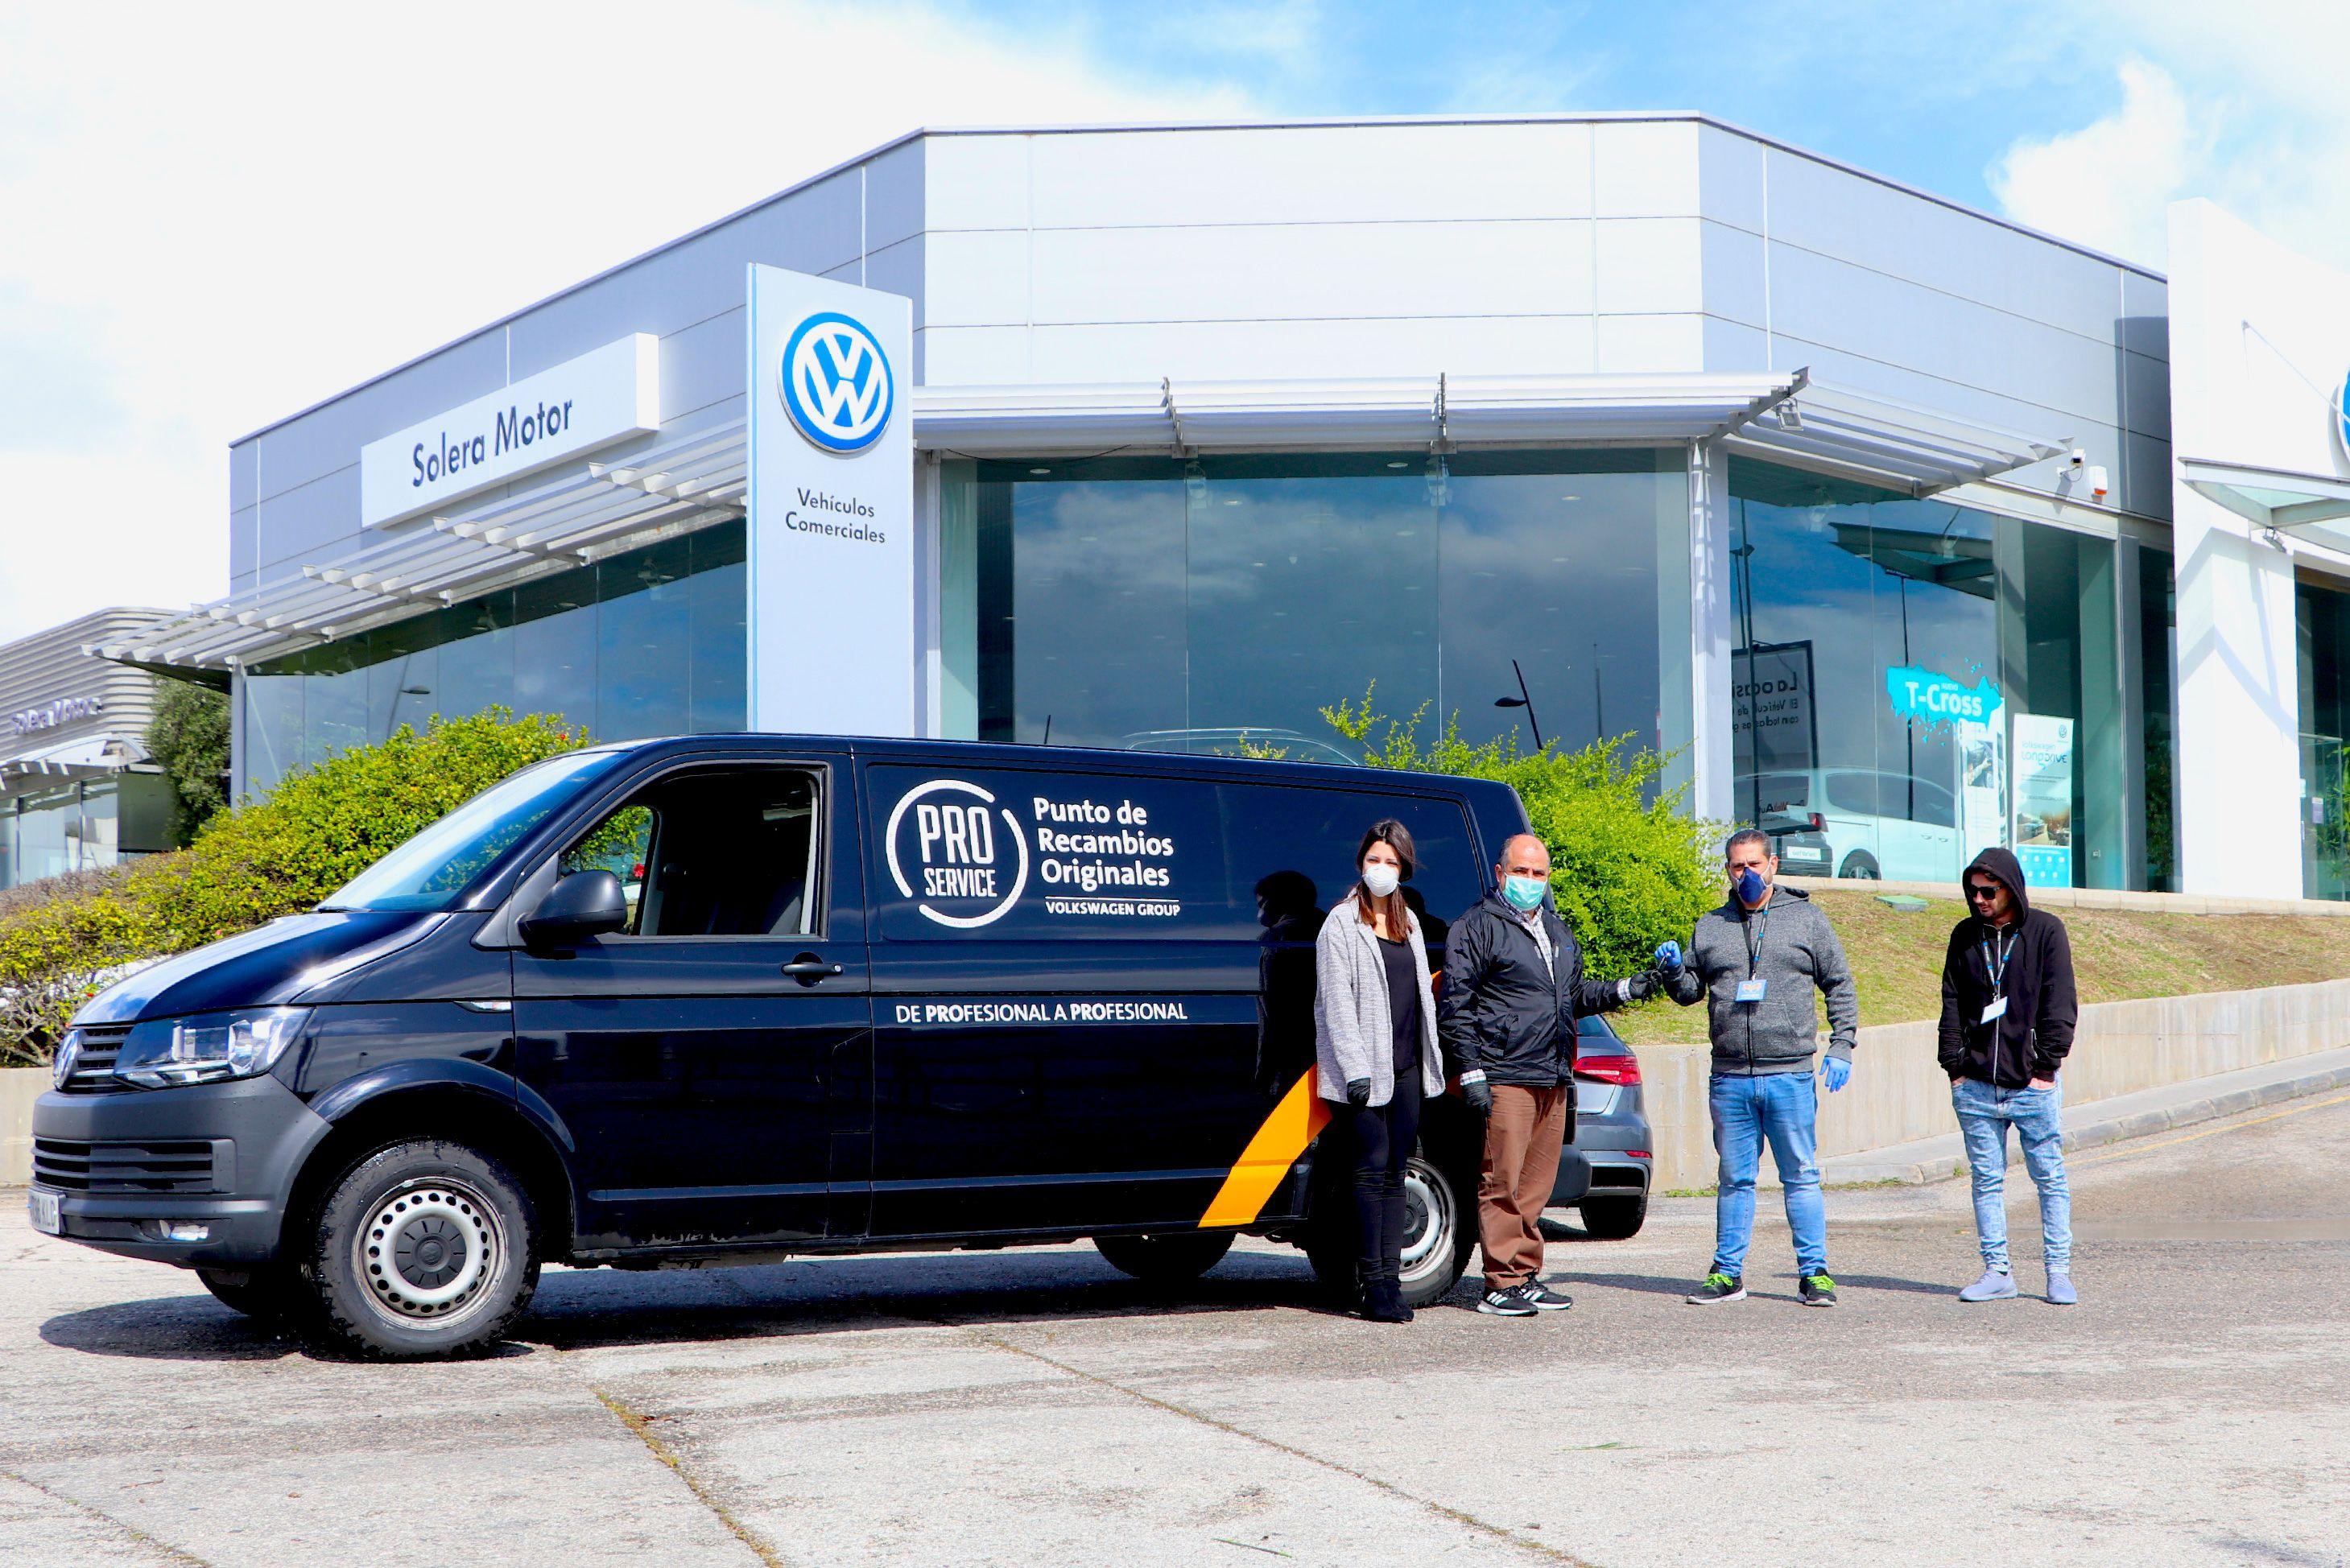 """Solera Motor Volkswagen con """"Costaleros por nuestros mayores"""""""